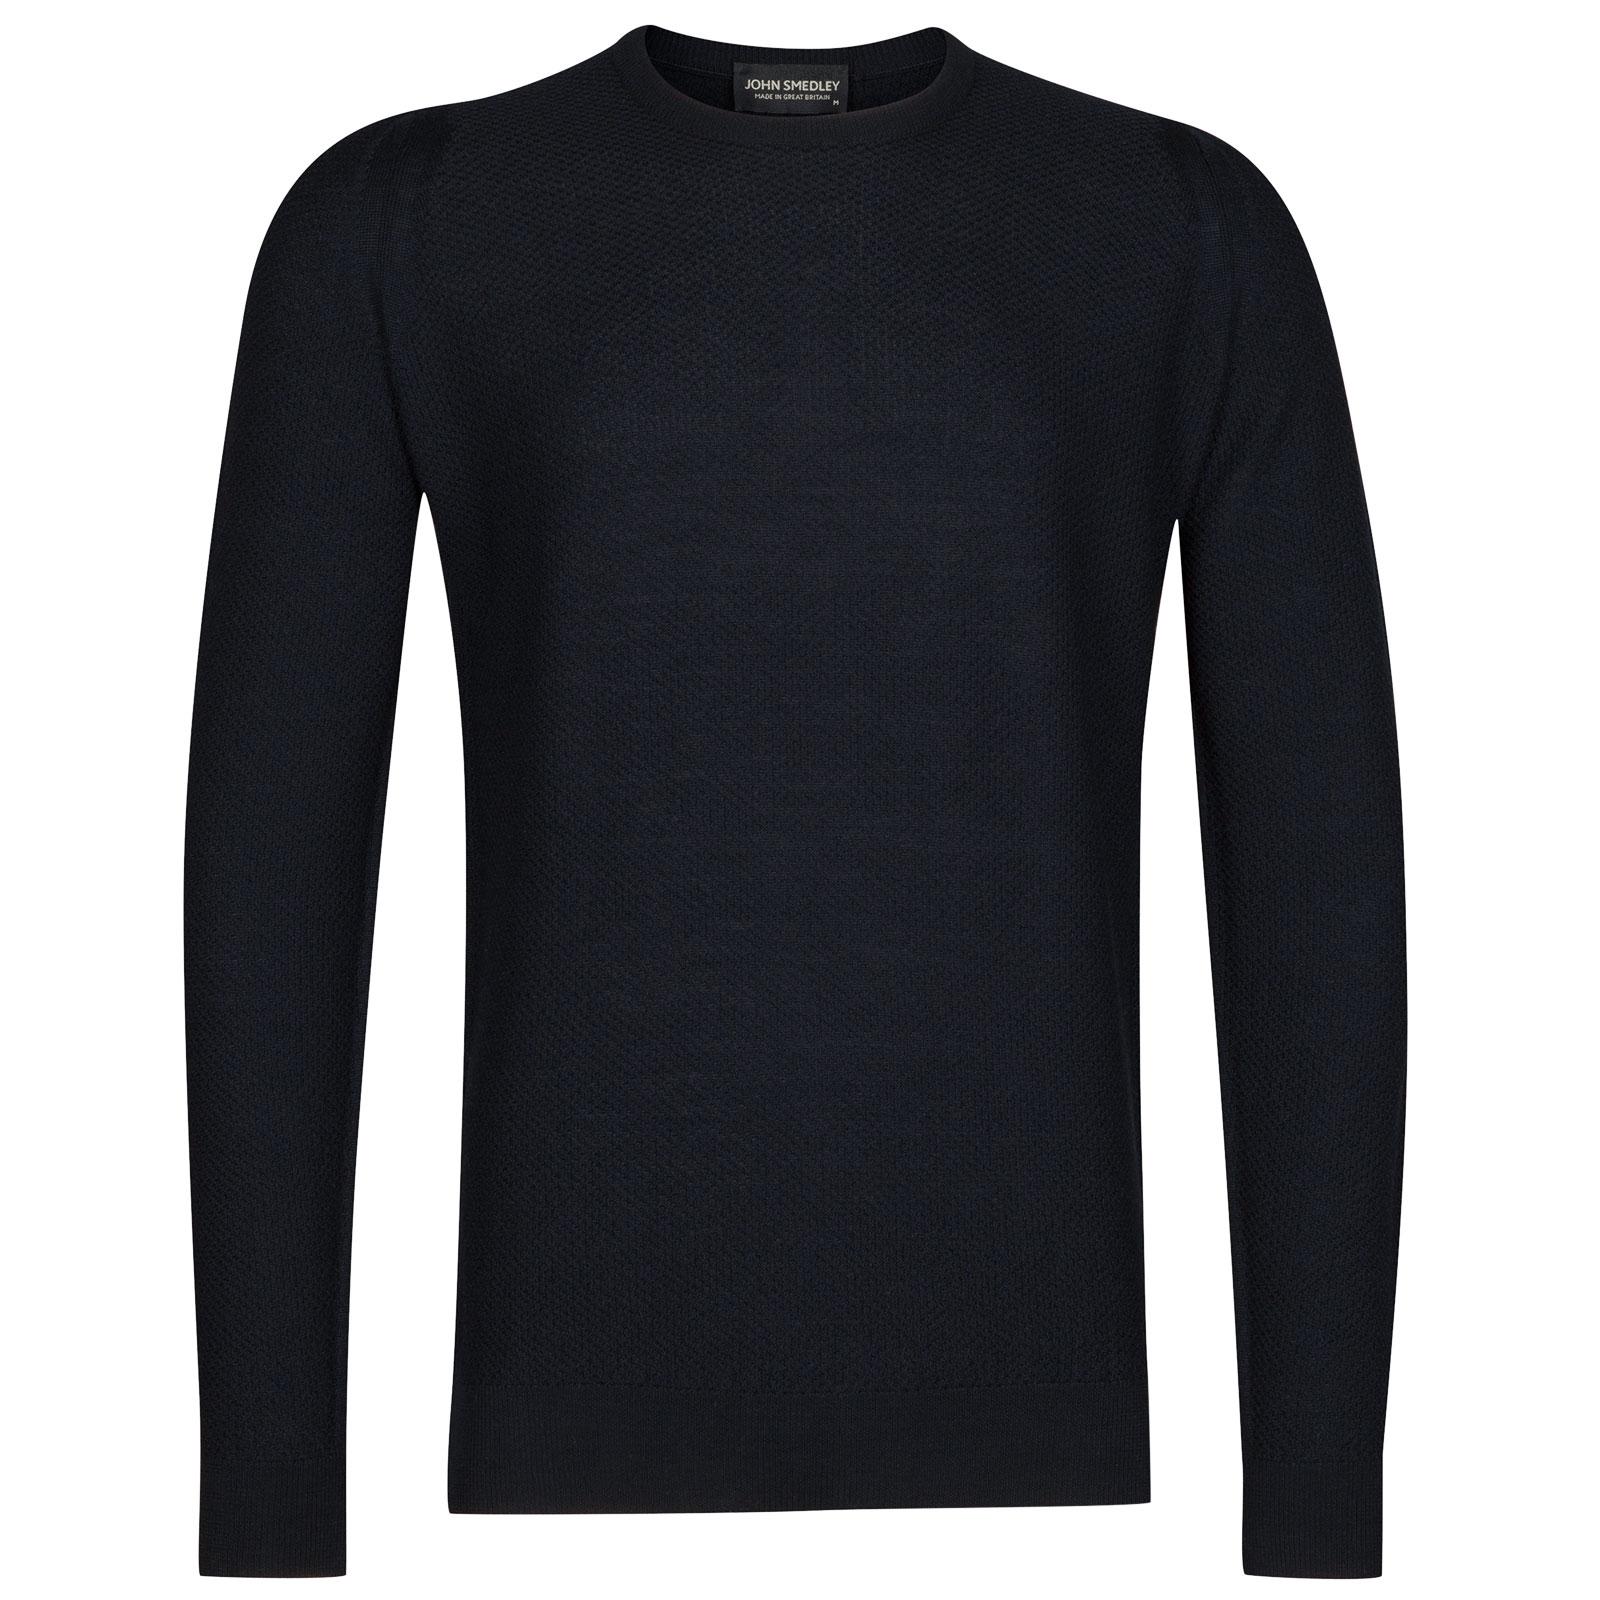 John Smedley 1Singular Merino Wool Pullover in Midnight-M